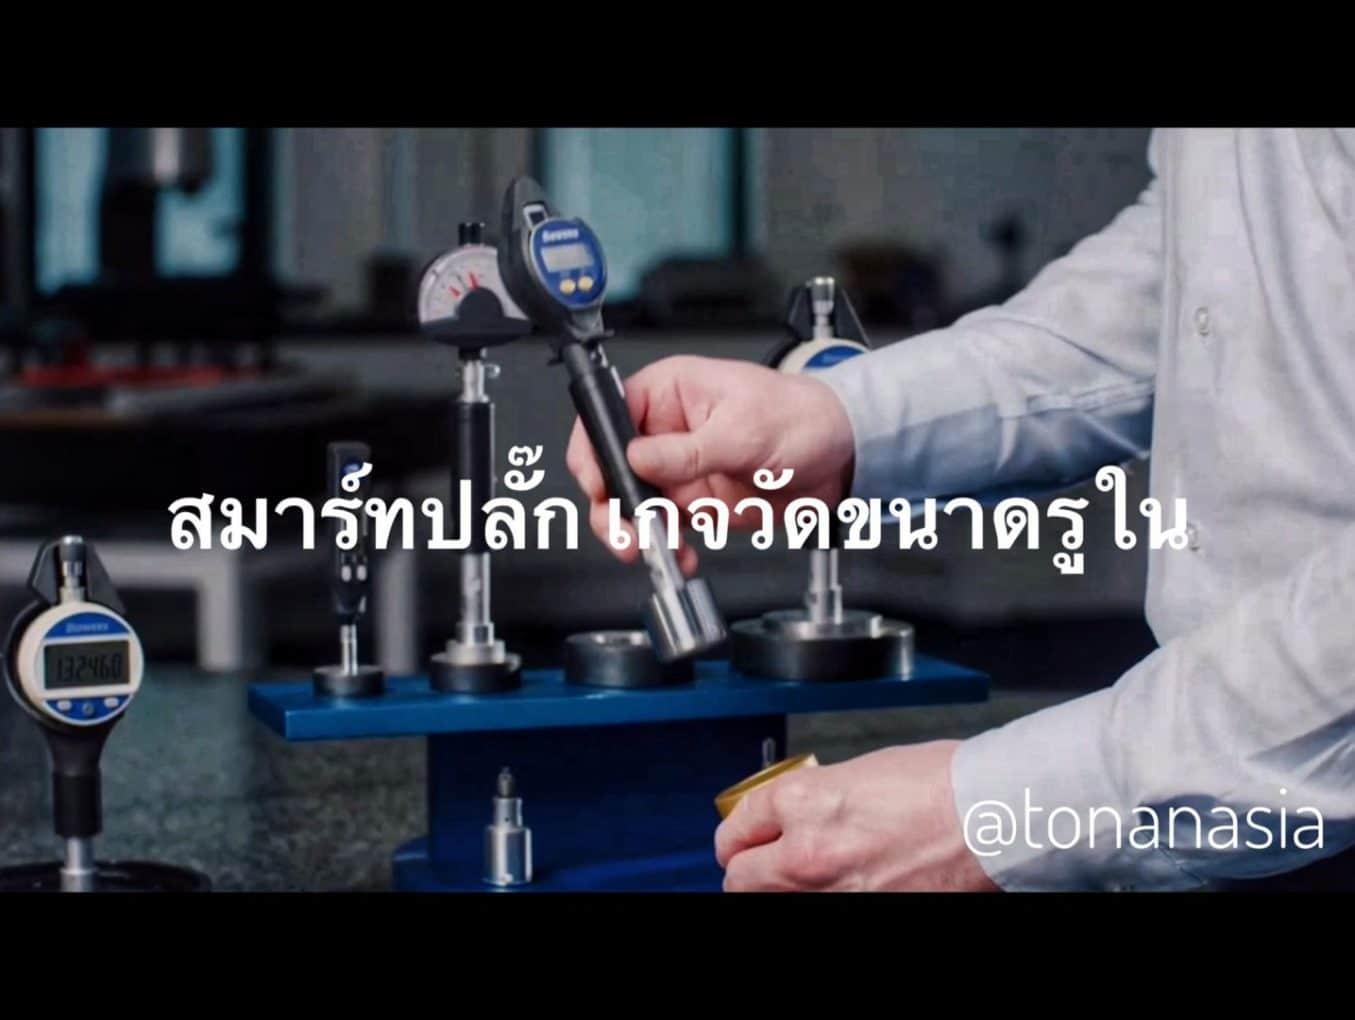 แนะนำเครื่องมือวัดขนาดรูใน สมาร์ทปลั๊ก | Introduction to The SmartPlug (Bowers)| Tonan Asia Autotech